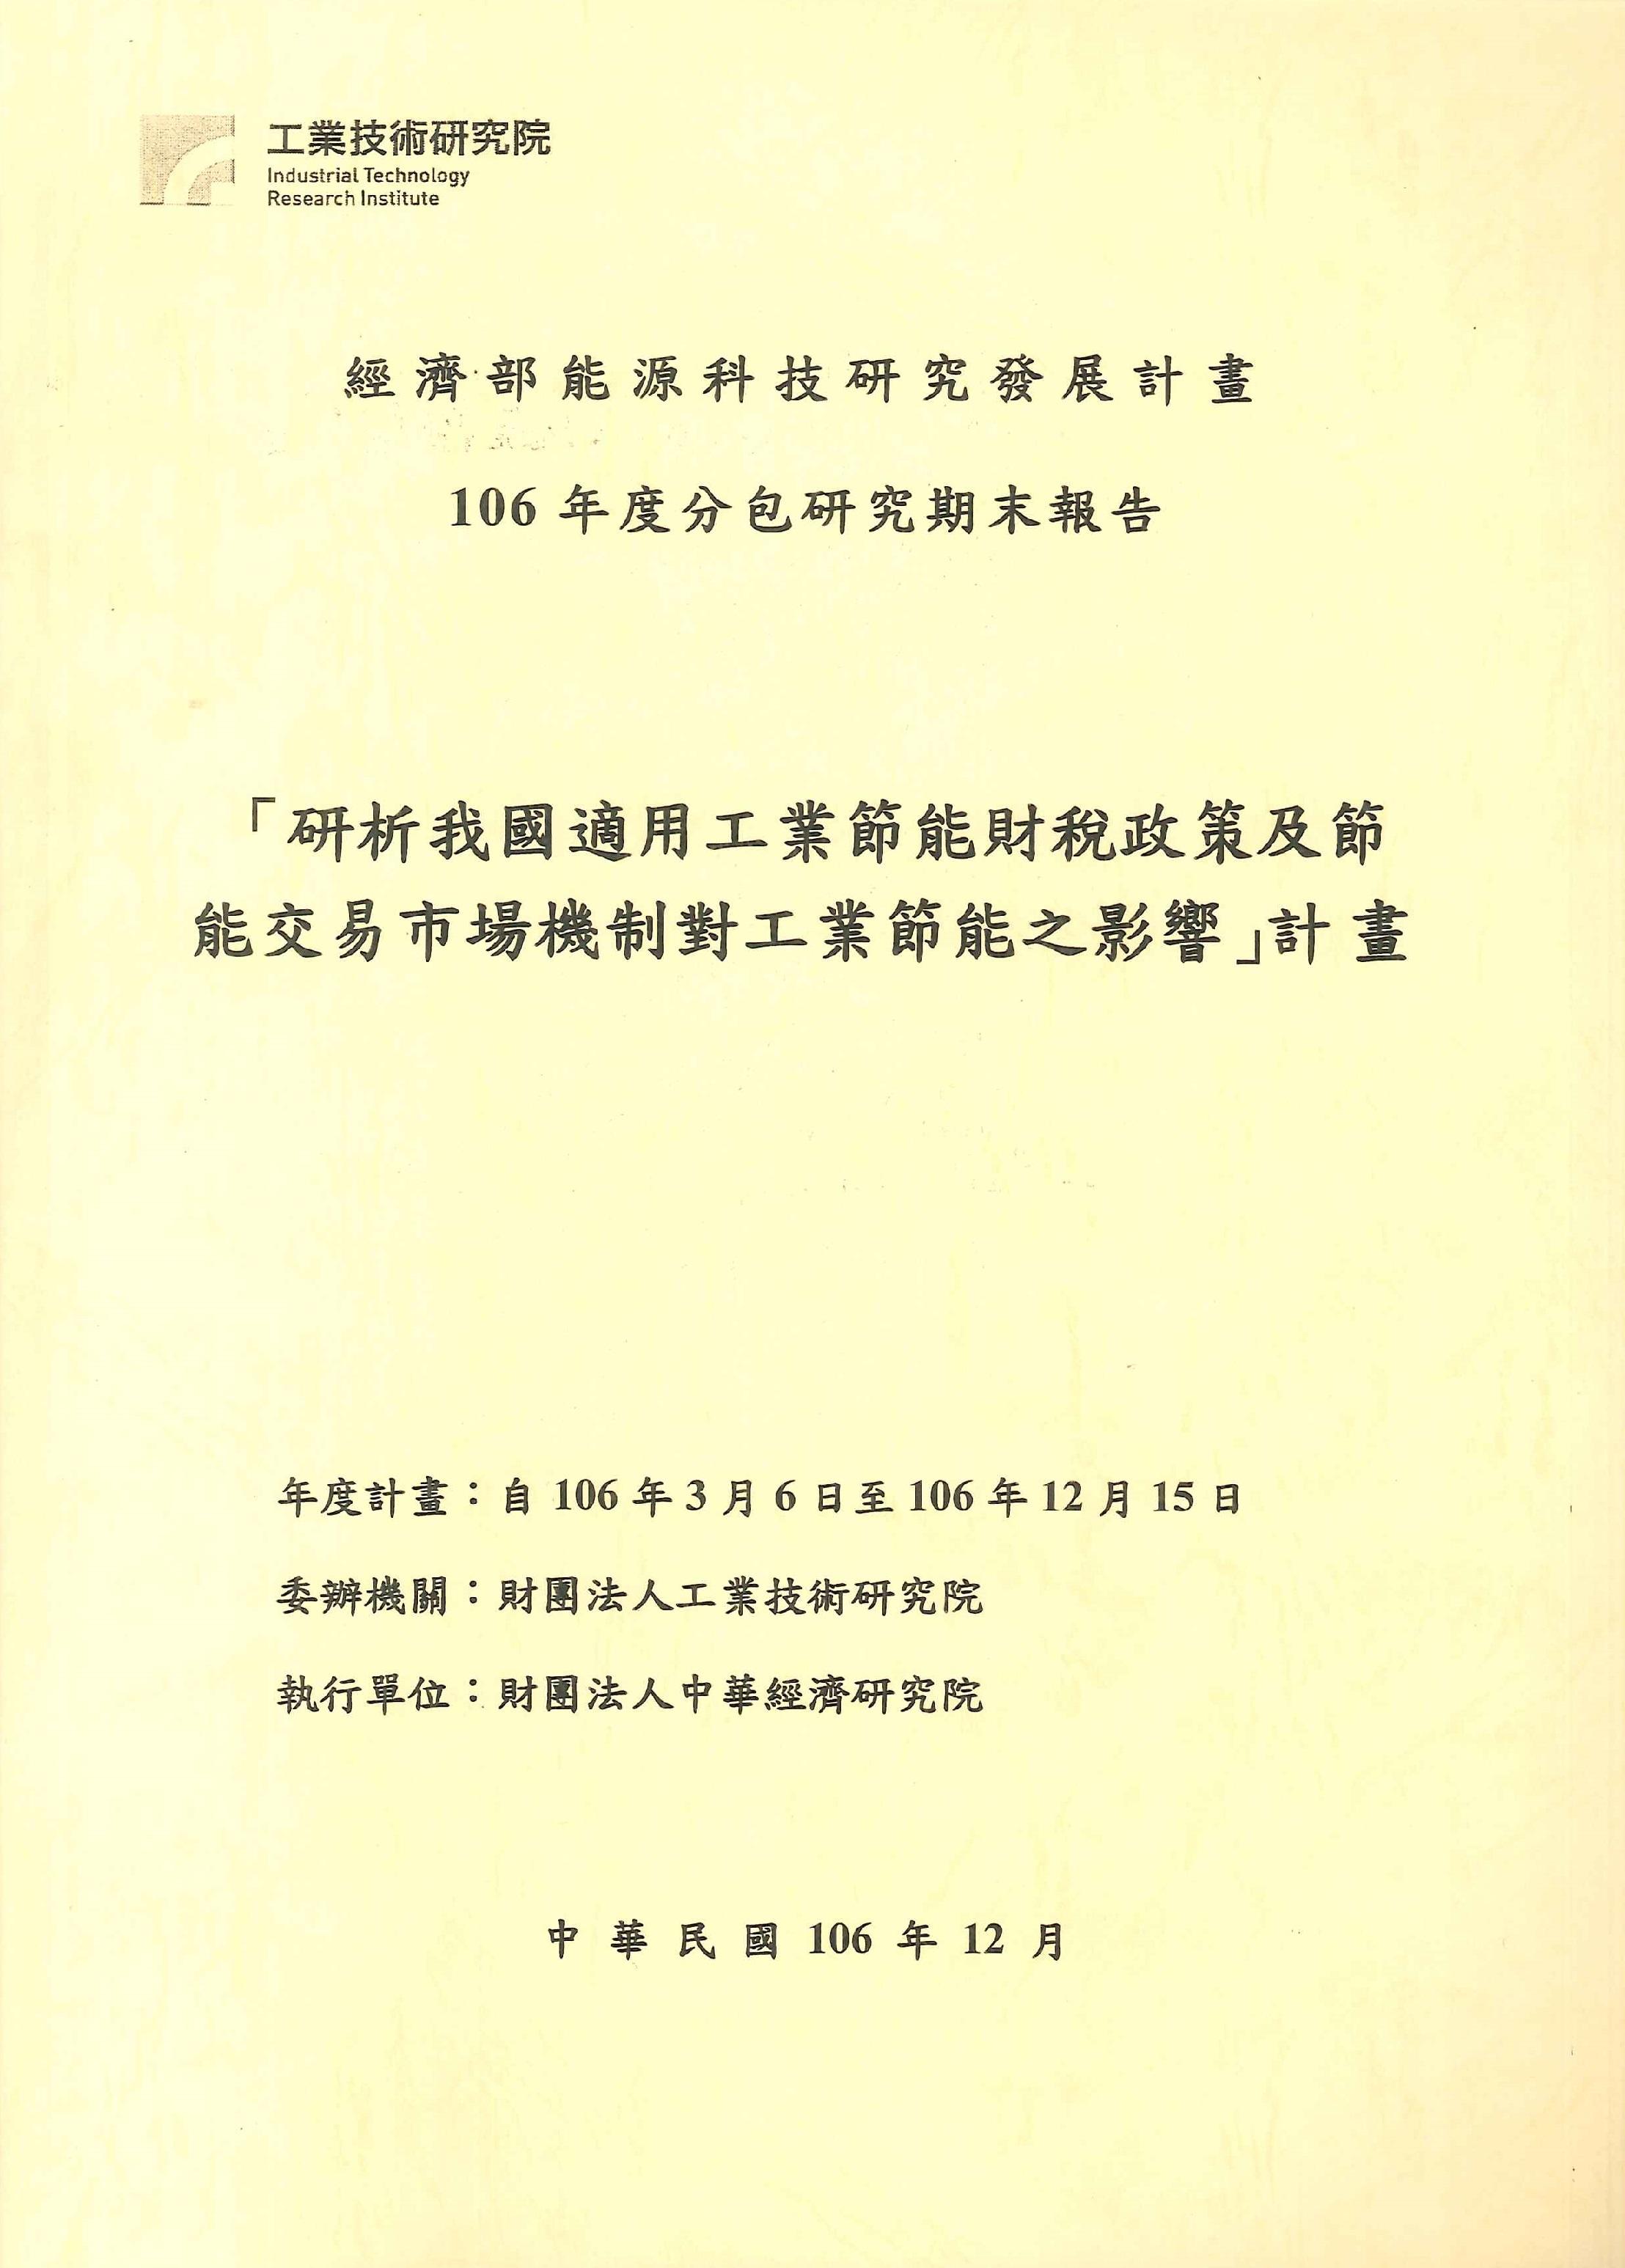 「研析我國適用工業節能財稅政策及節能交易市場機制對工業節能之影響」計畫